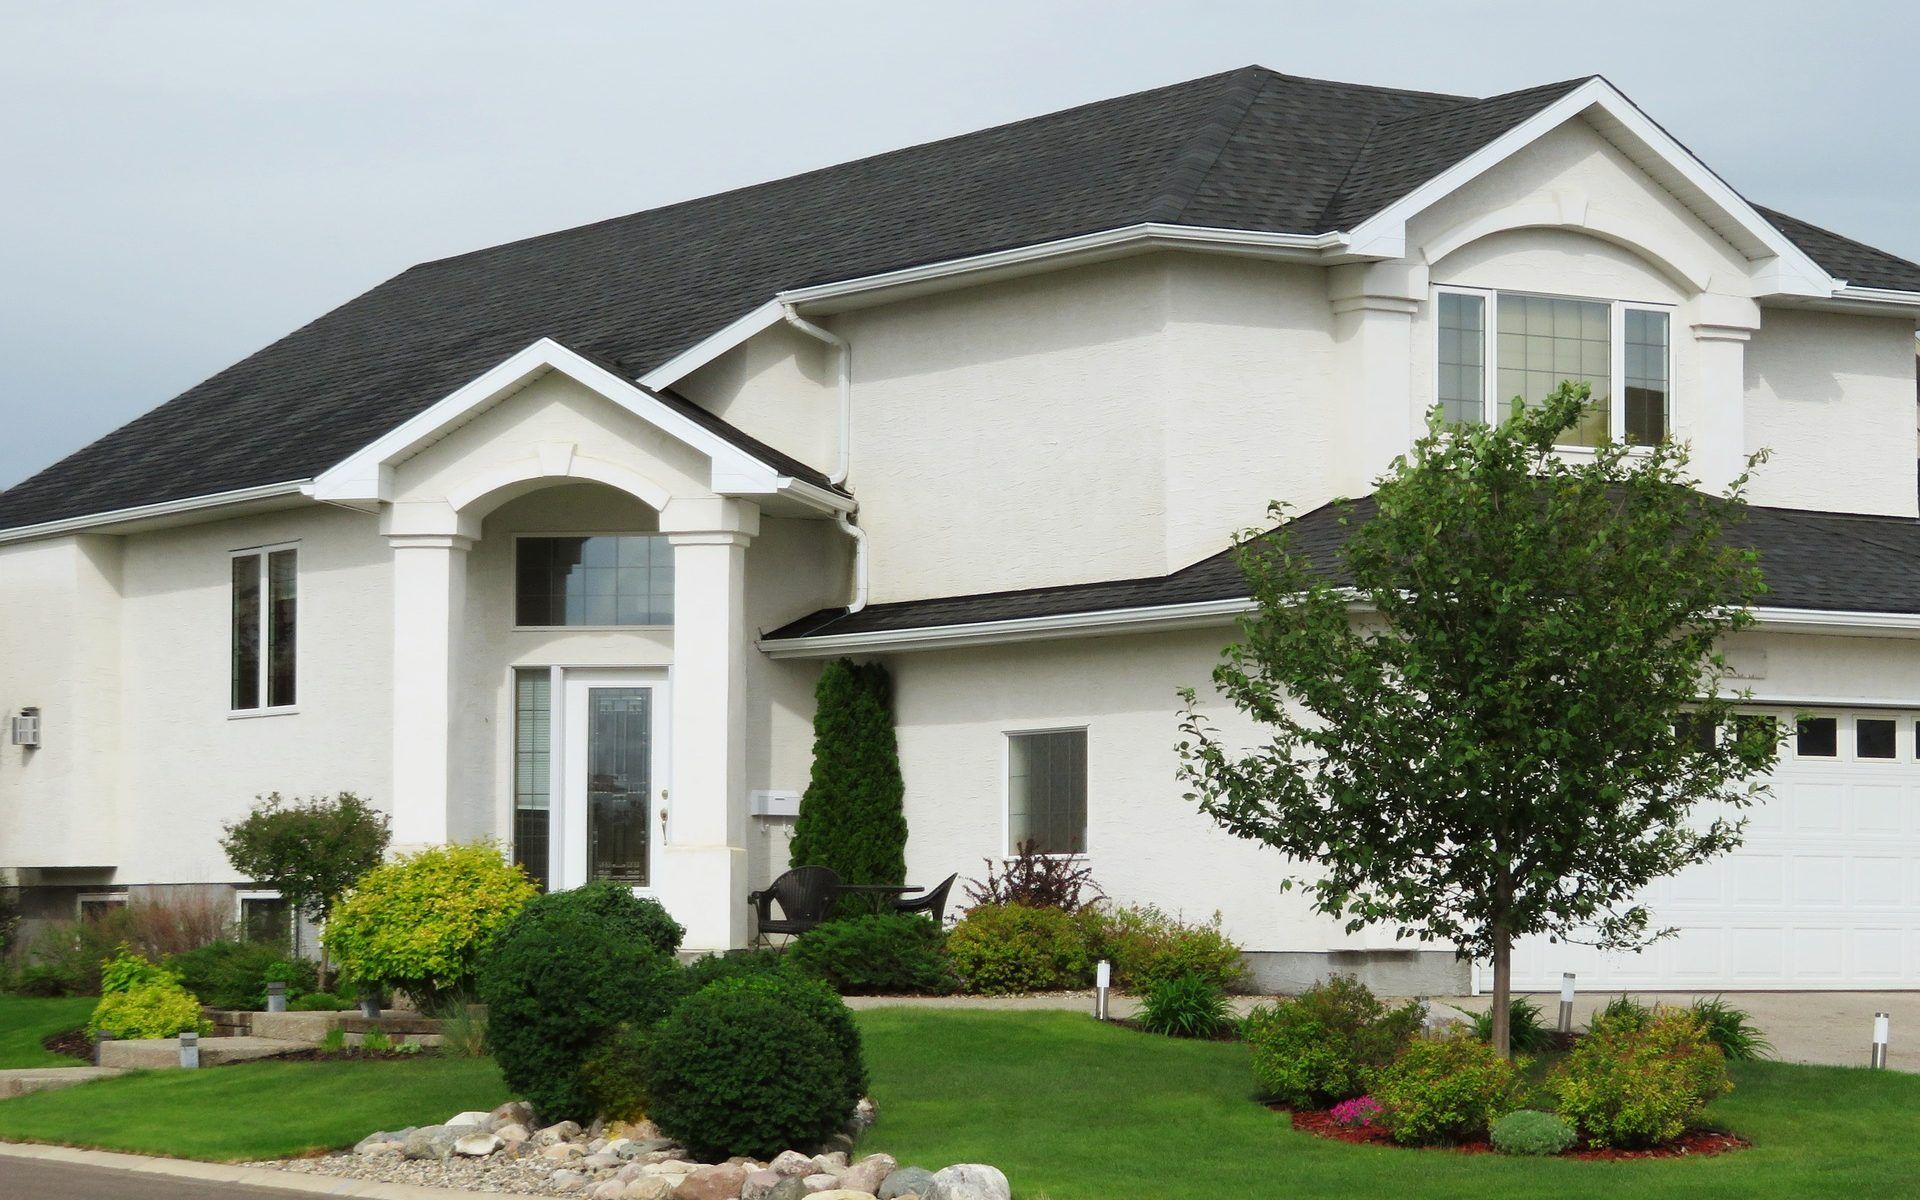 immobilienfinanzierung kredit Immobilien